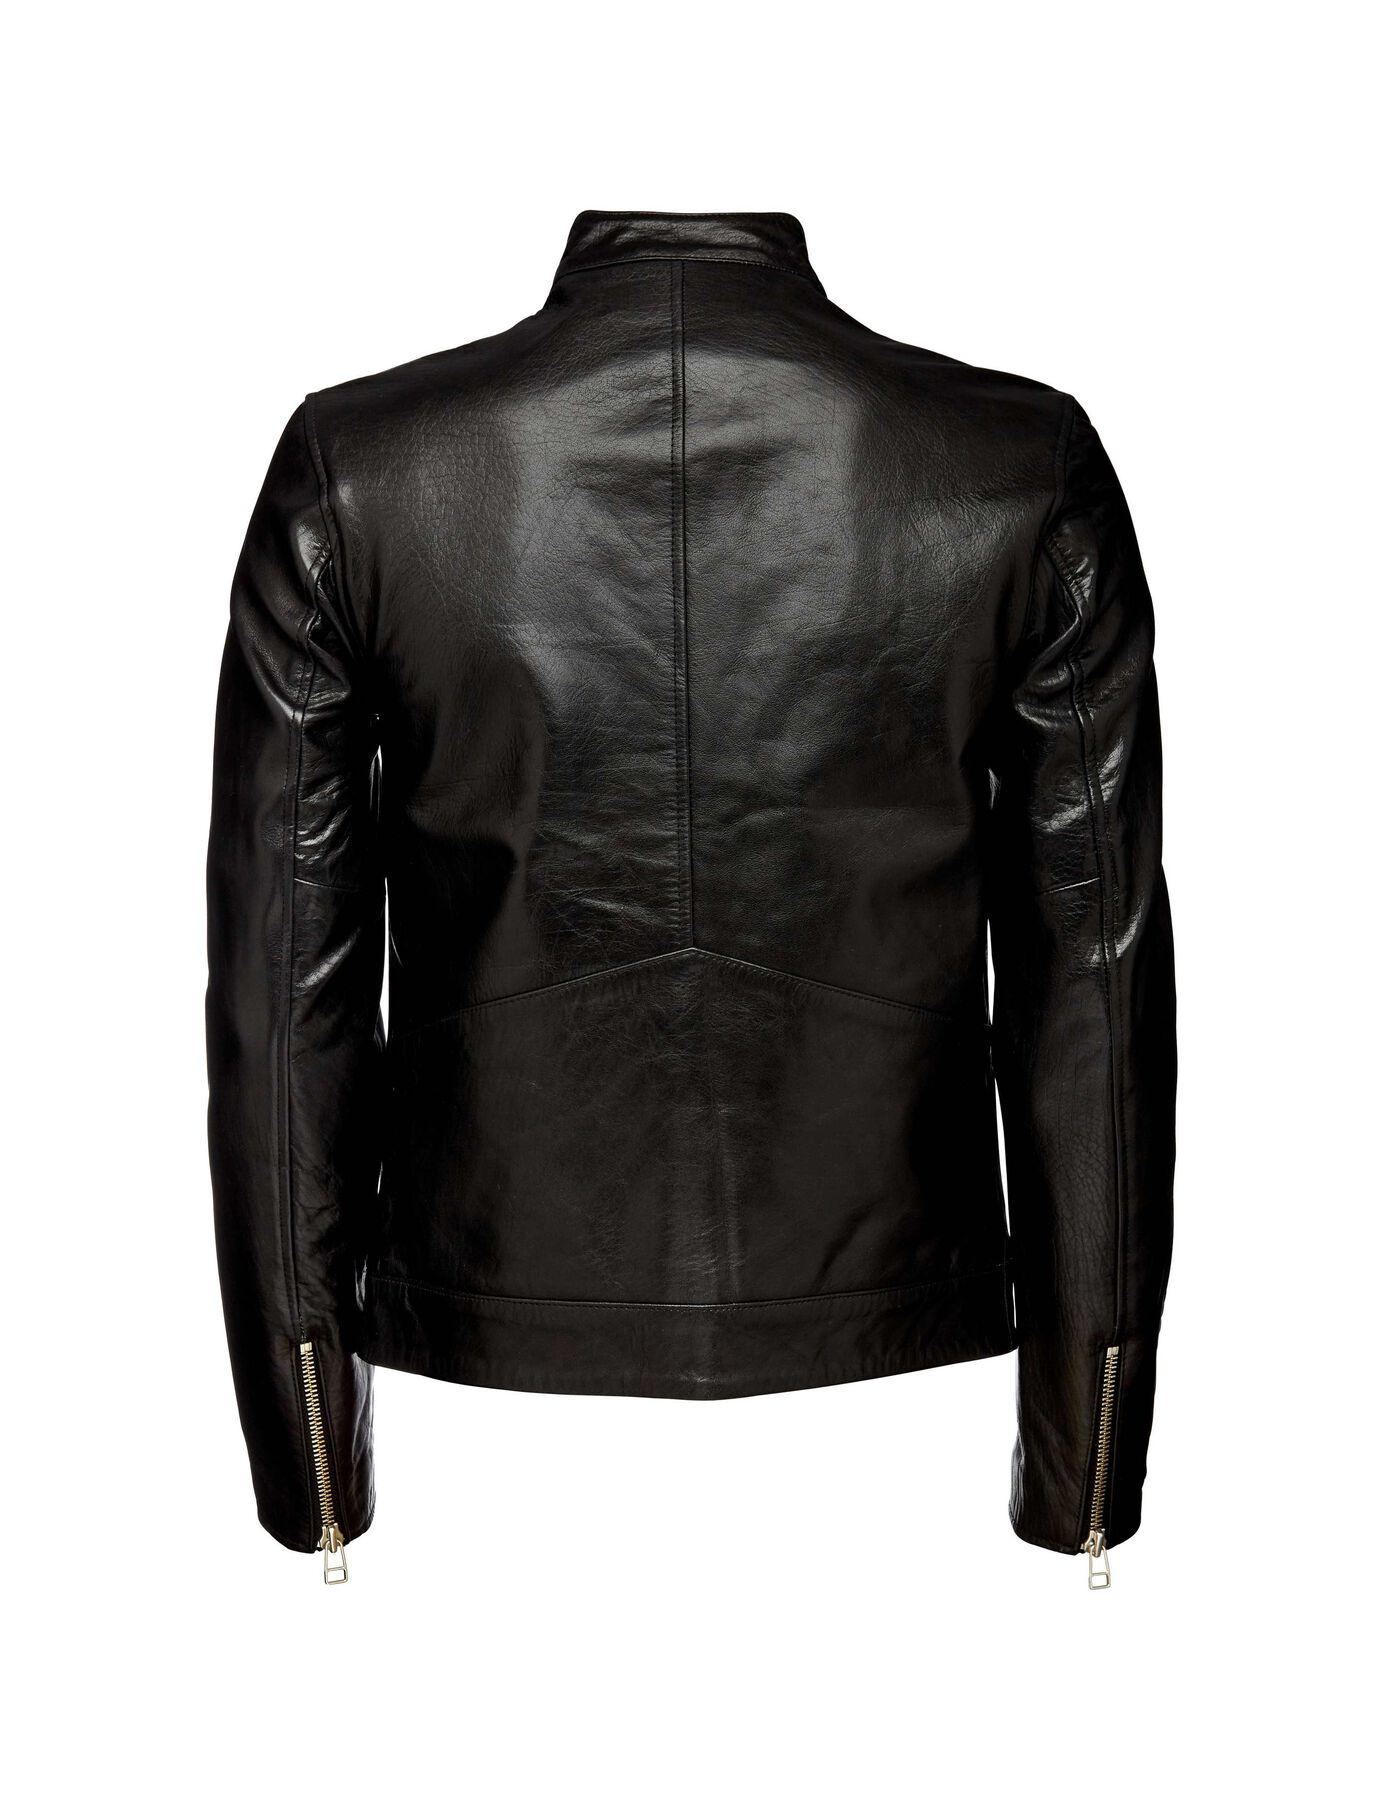 Shine jacket